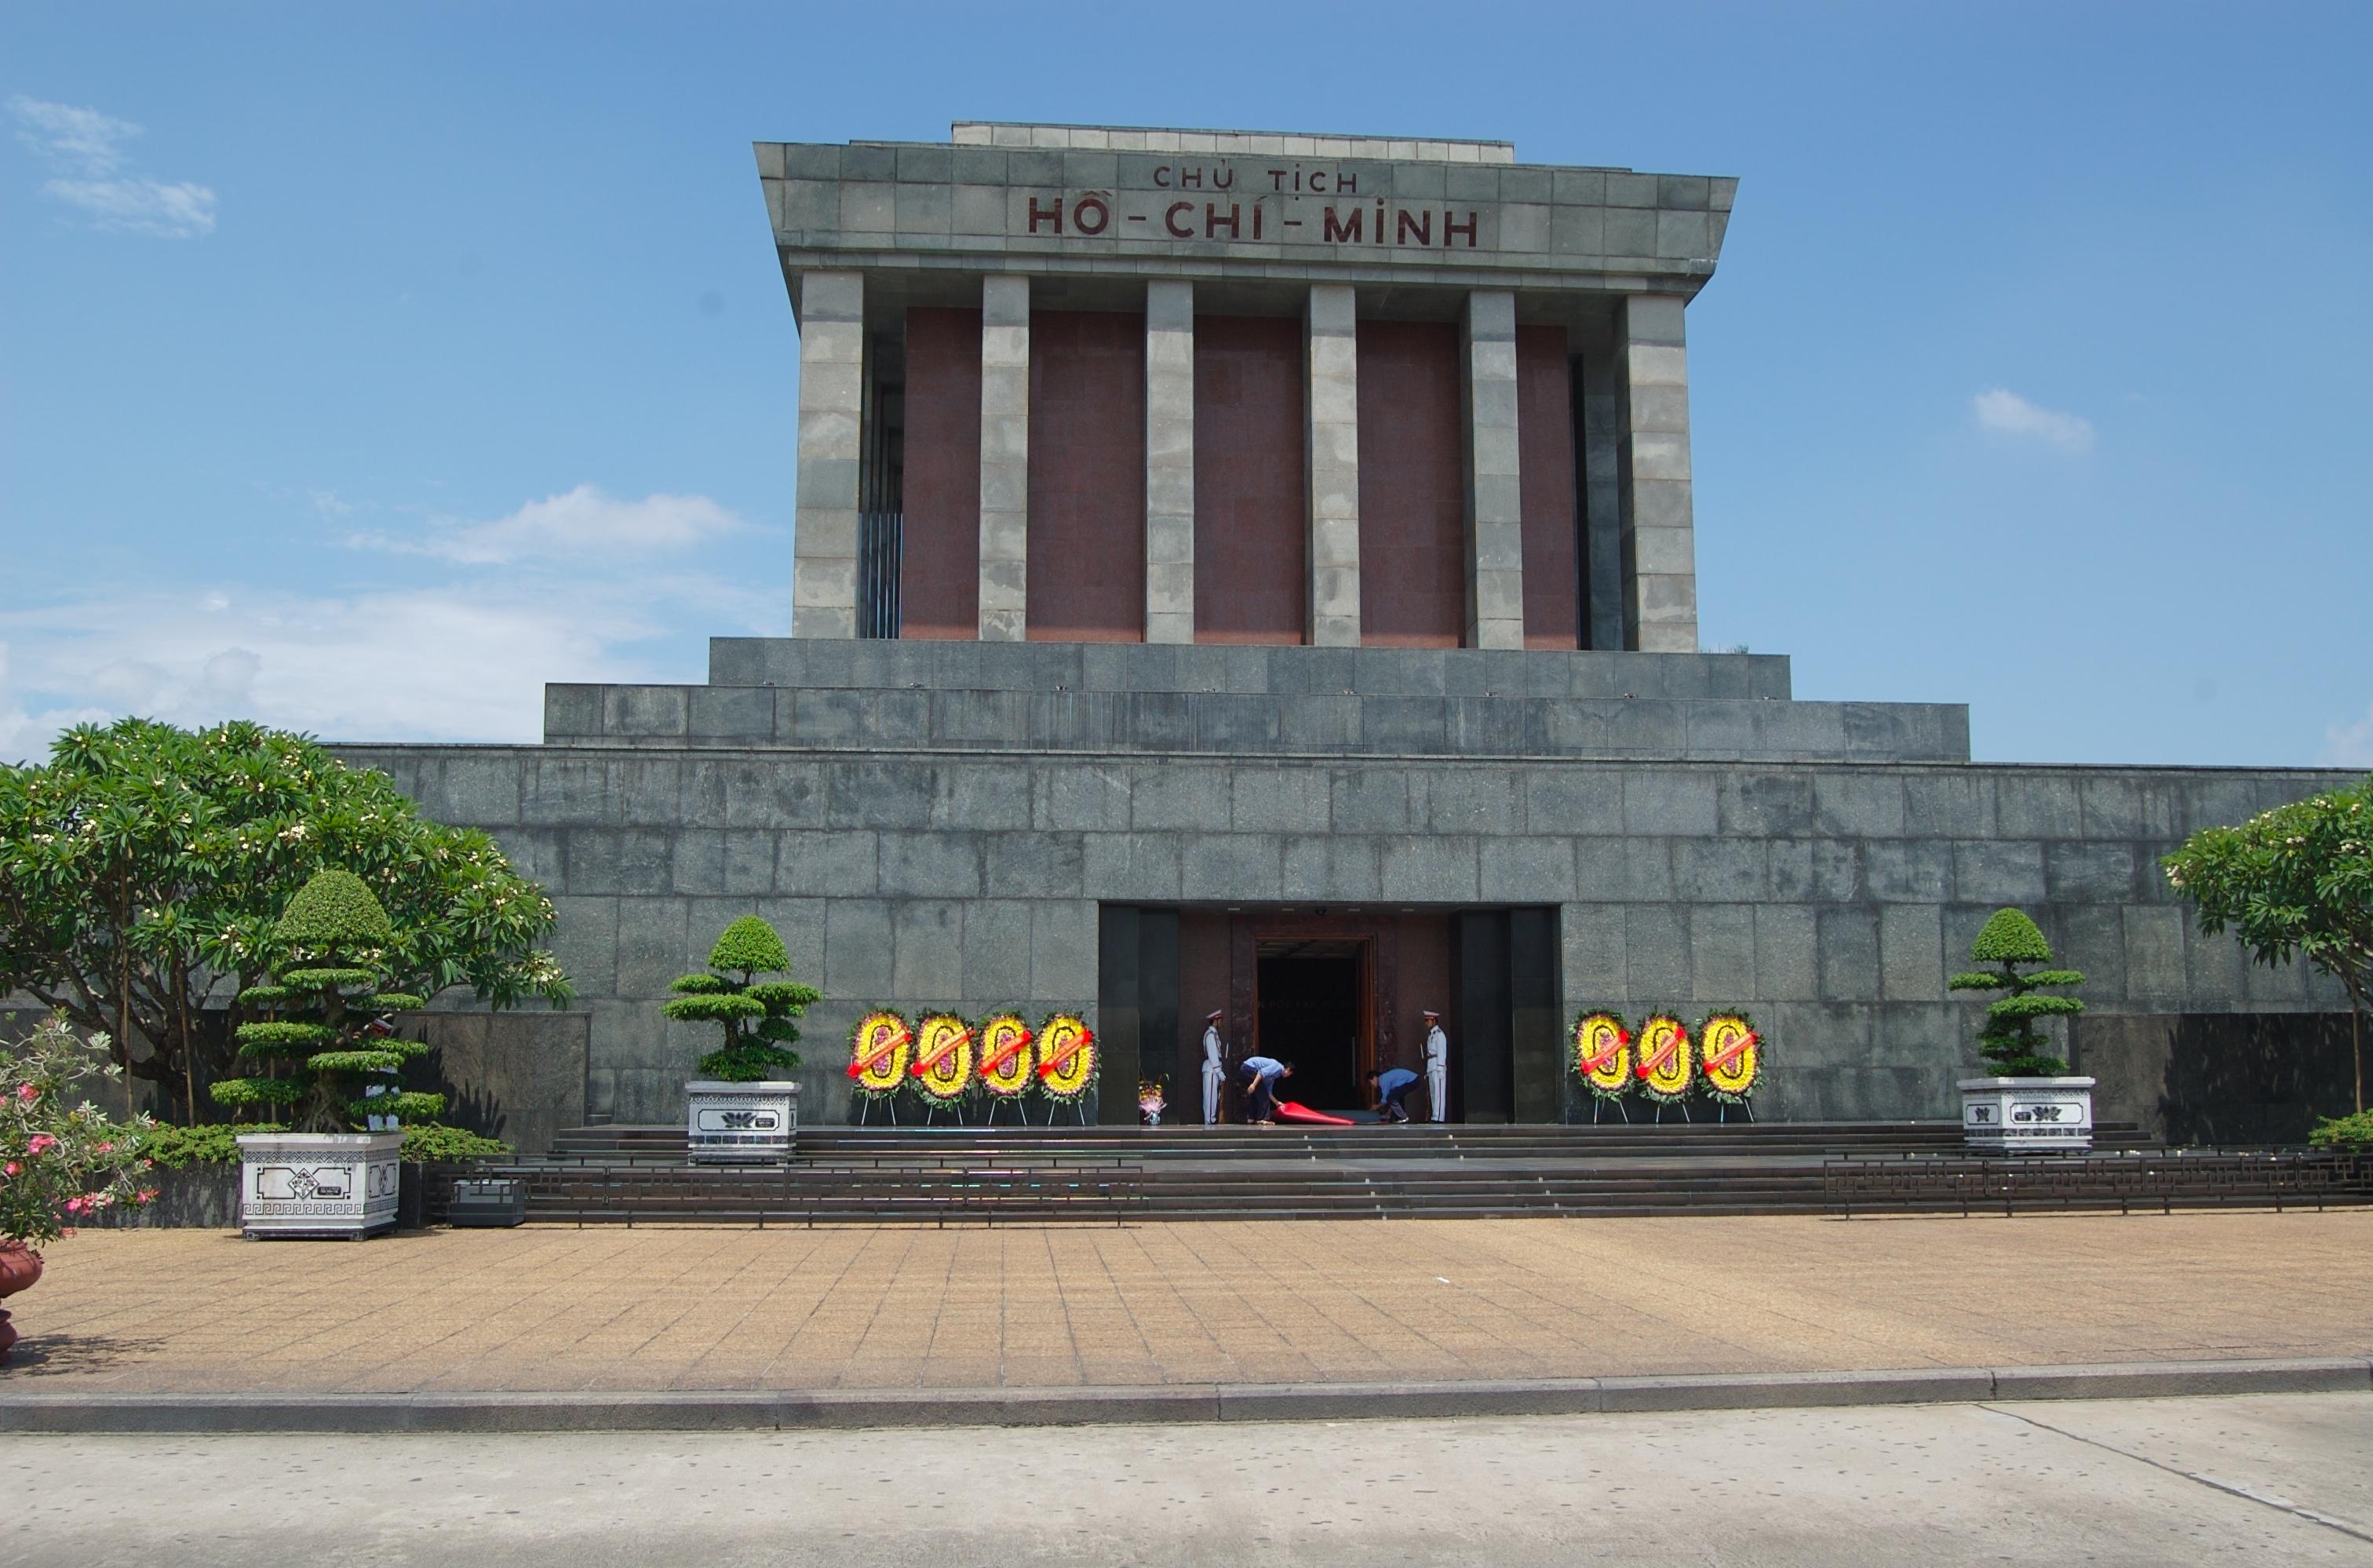 호찌민 묘소